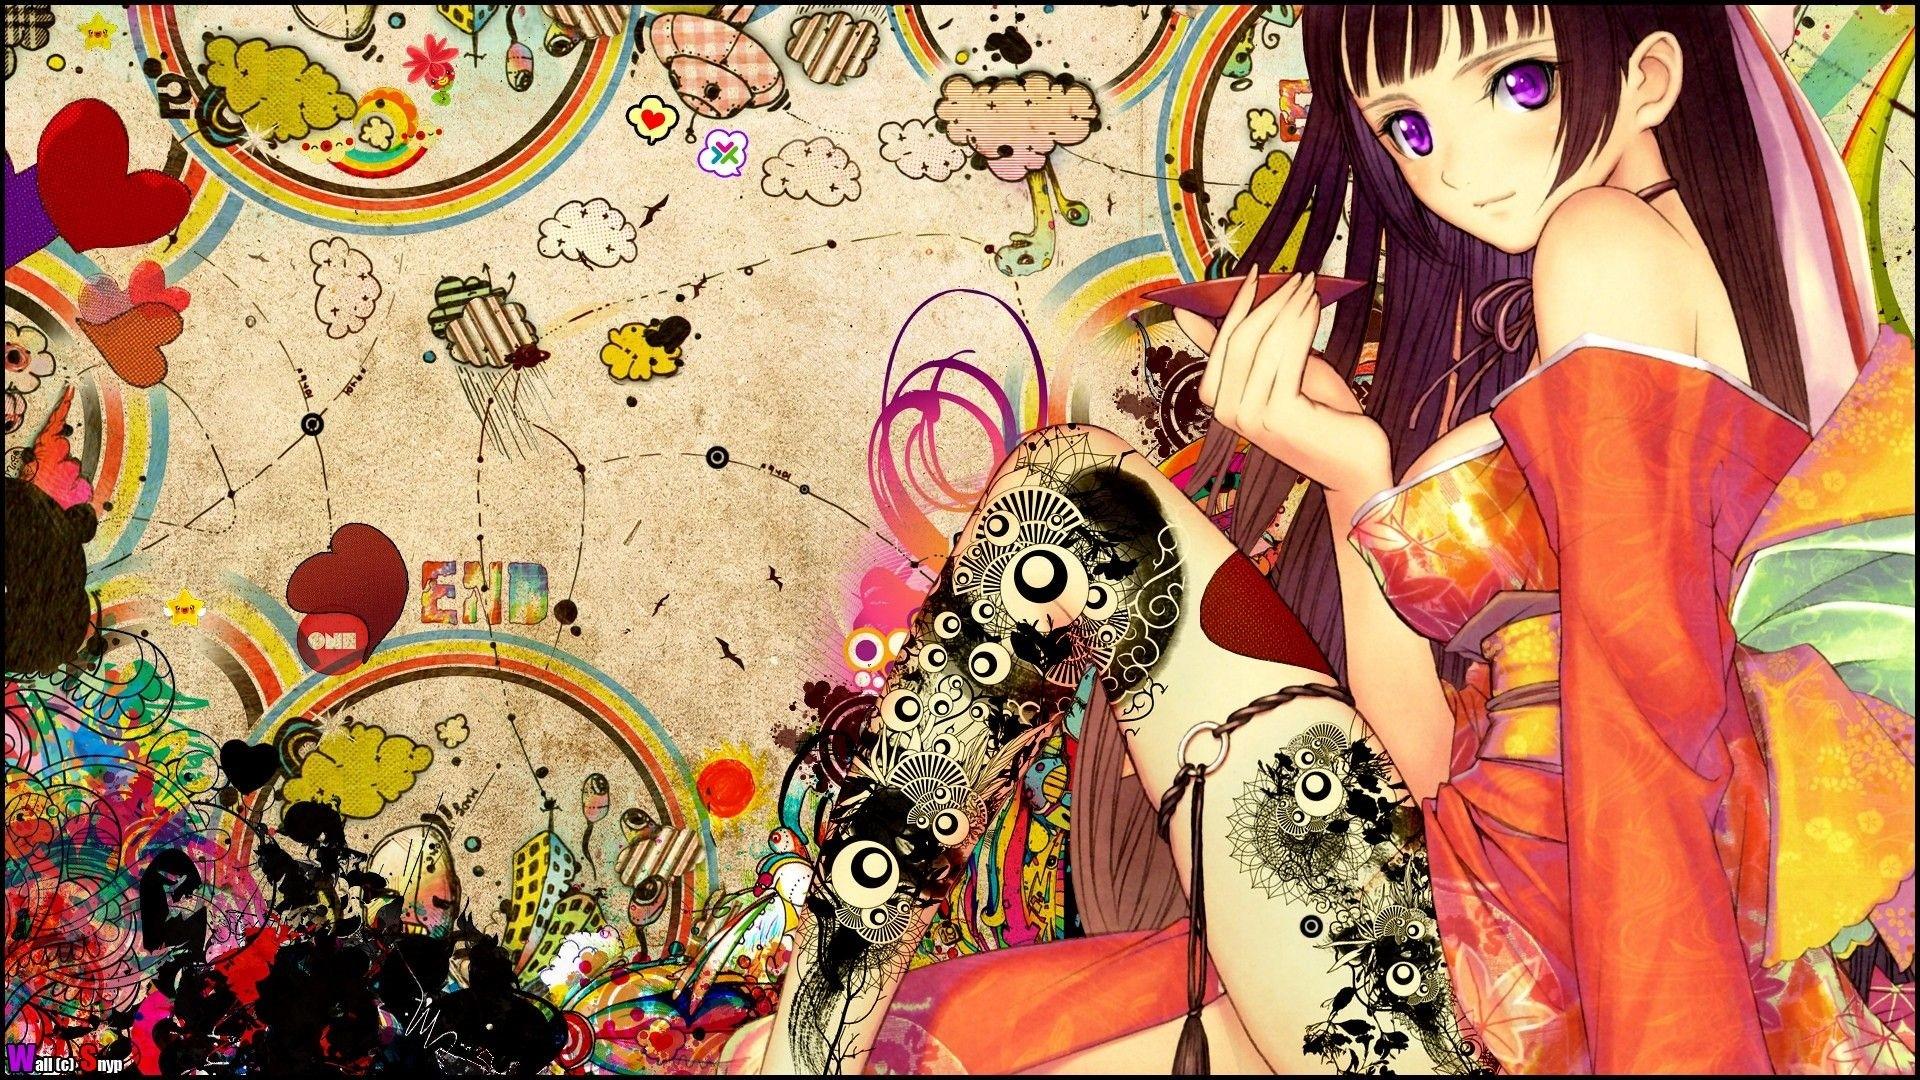 Manga Wallpaper Download Full